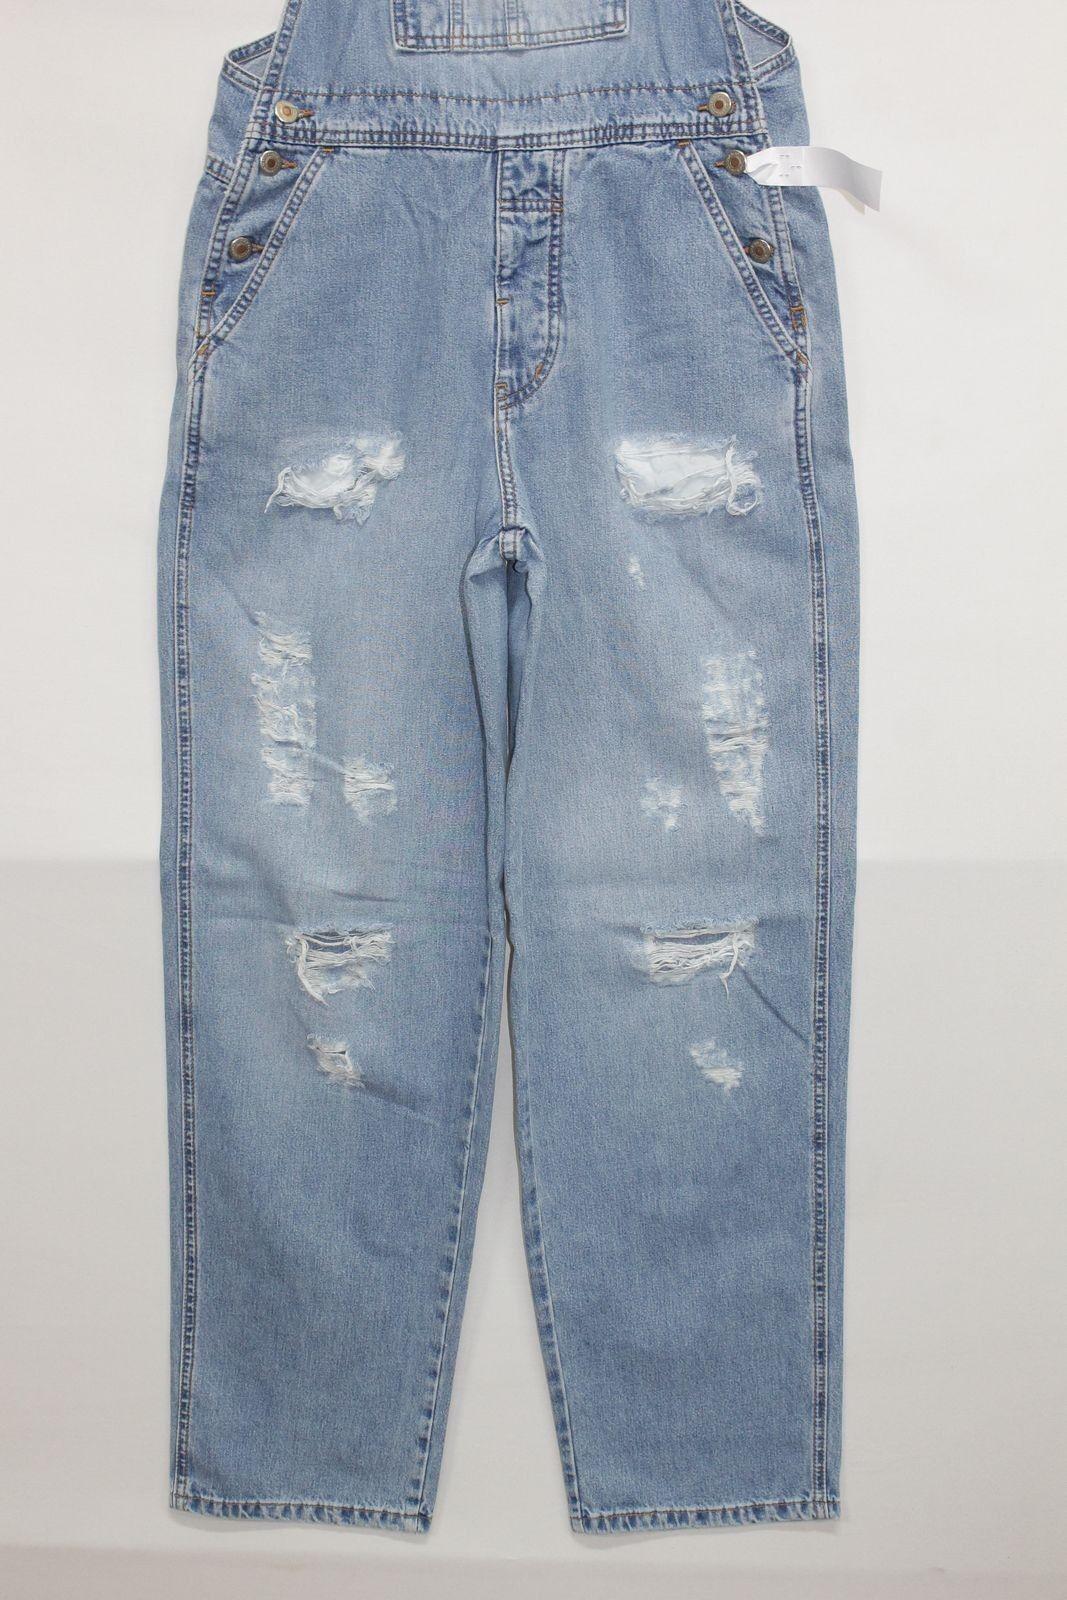 Salopette LONDON JEAN (Cod. S581) tg S Jeans Jeans Jeans usato vintage Customized Original a2375b